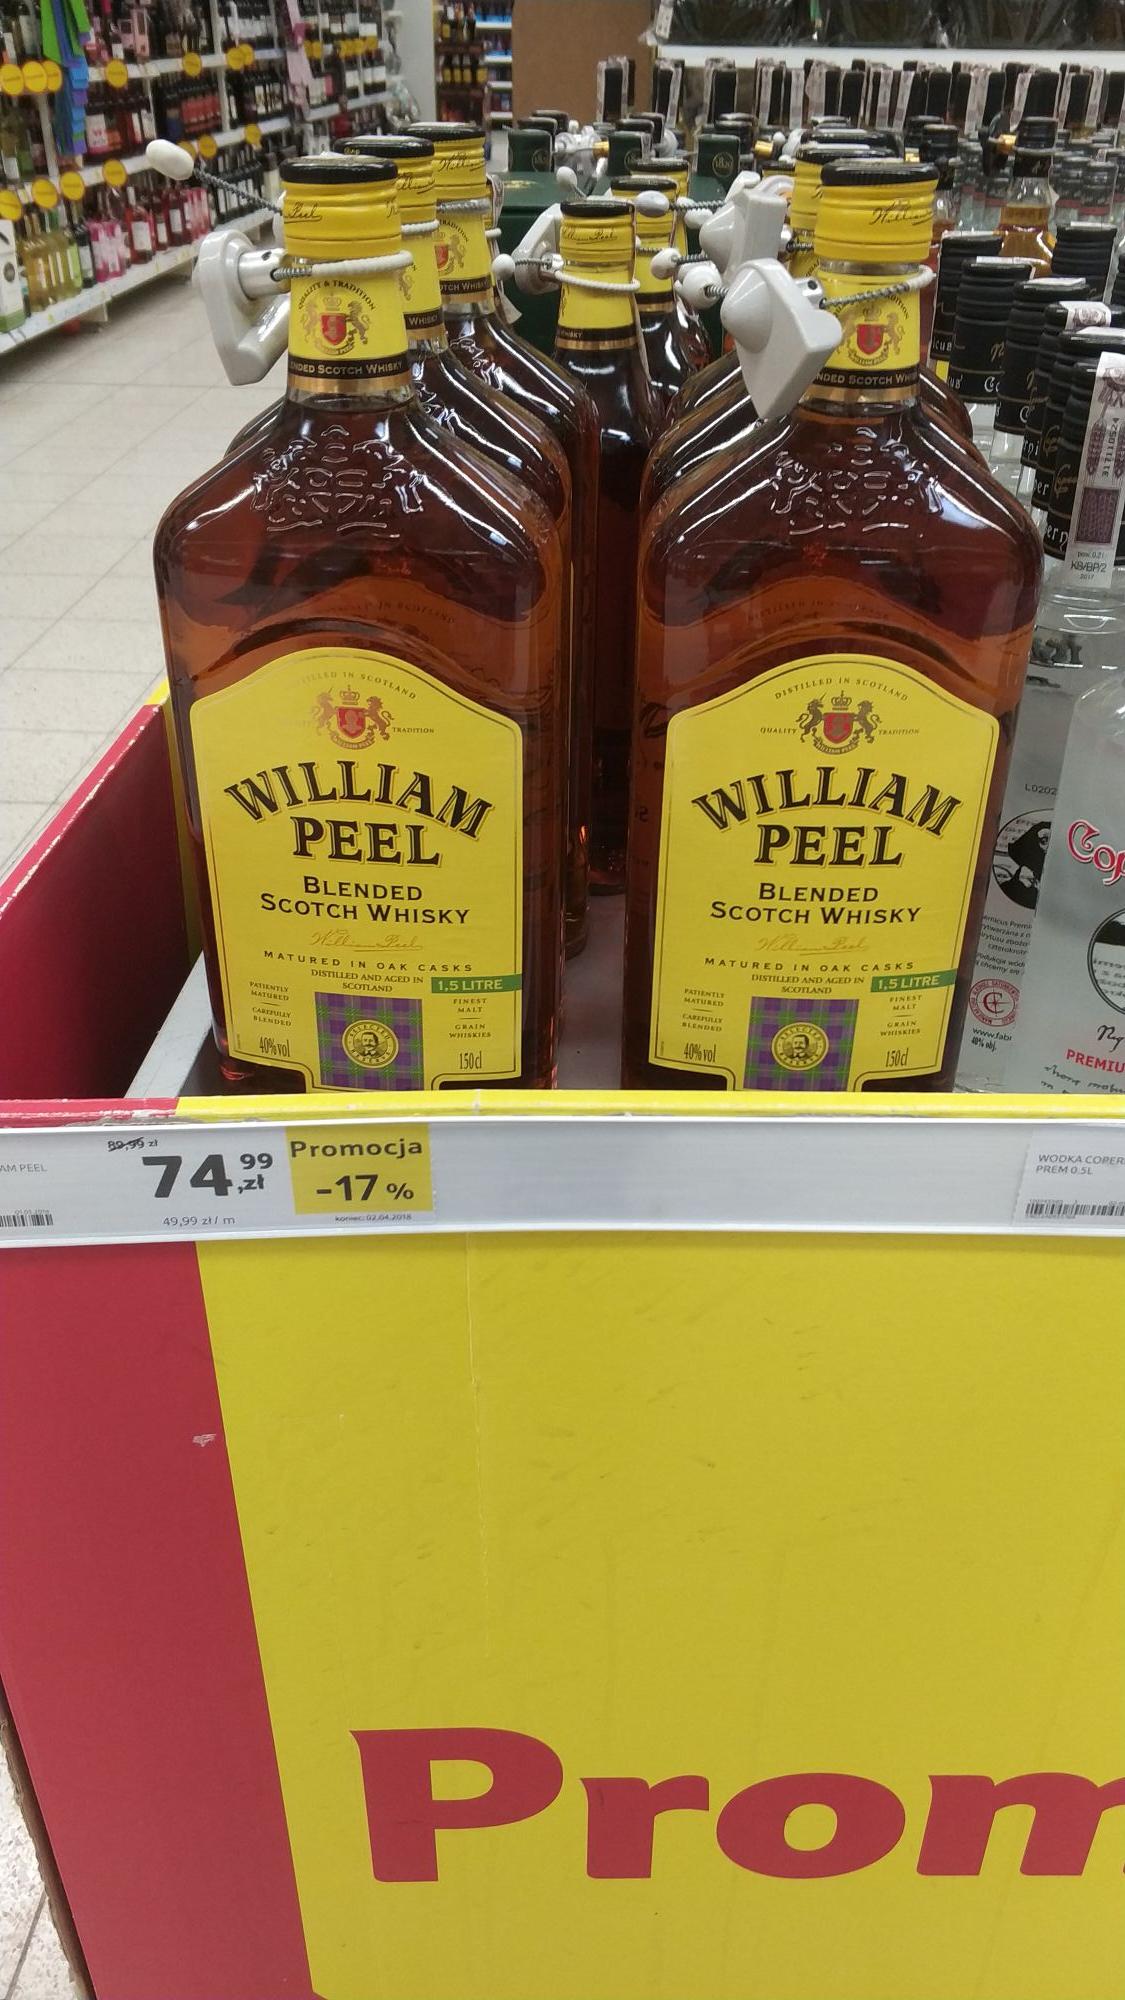 William Peel 1,5 l